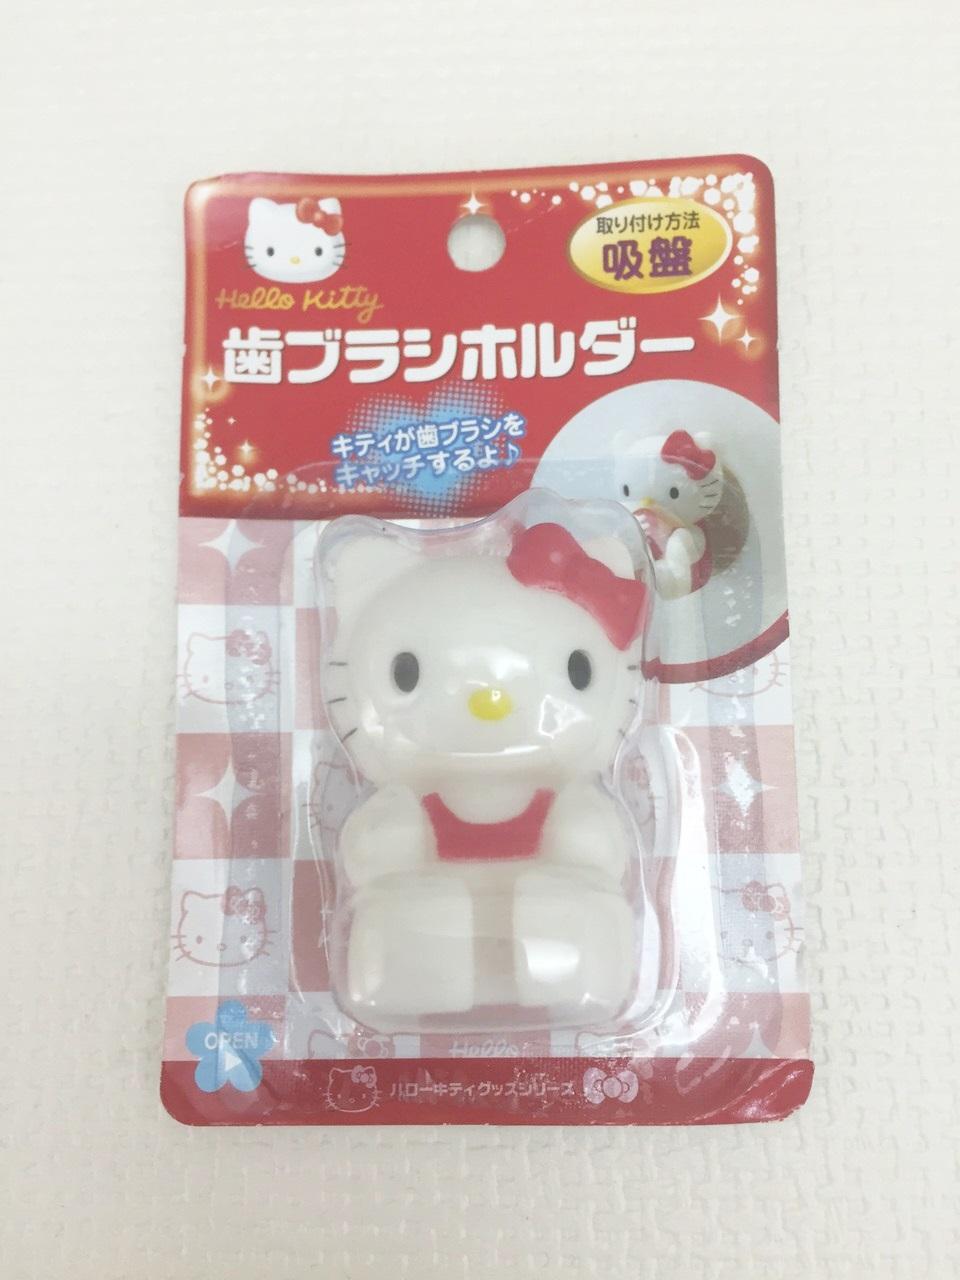 【真愛日本】15111400047 牙刷架-KT坐姿紅結 三麗鷗 Hello Kitty 凱蒂貓 牙刷架 清潔 居家用品